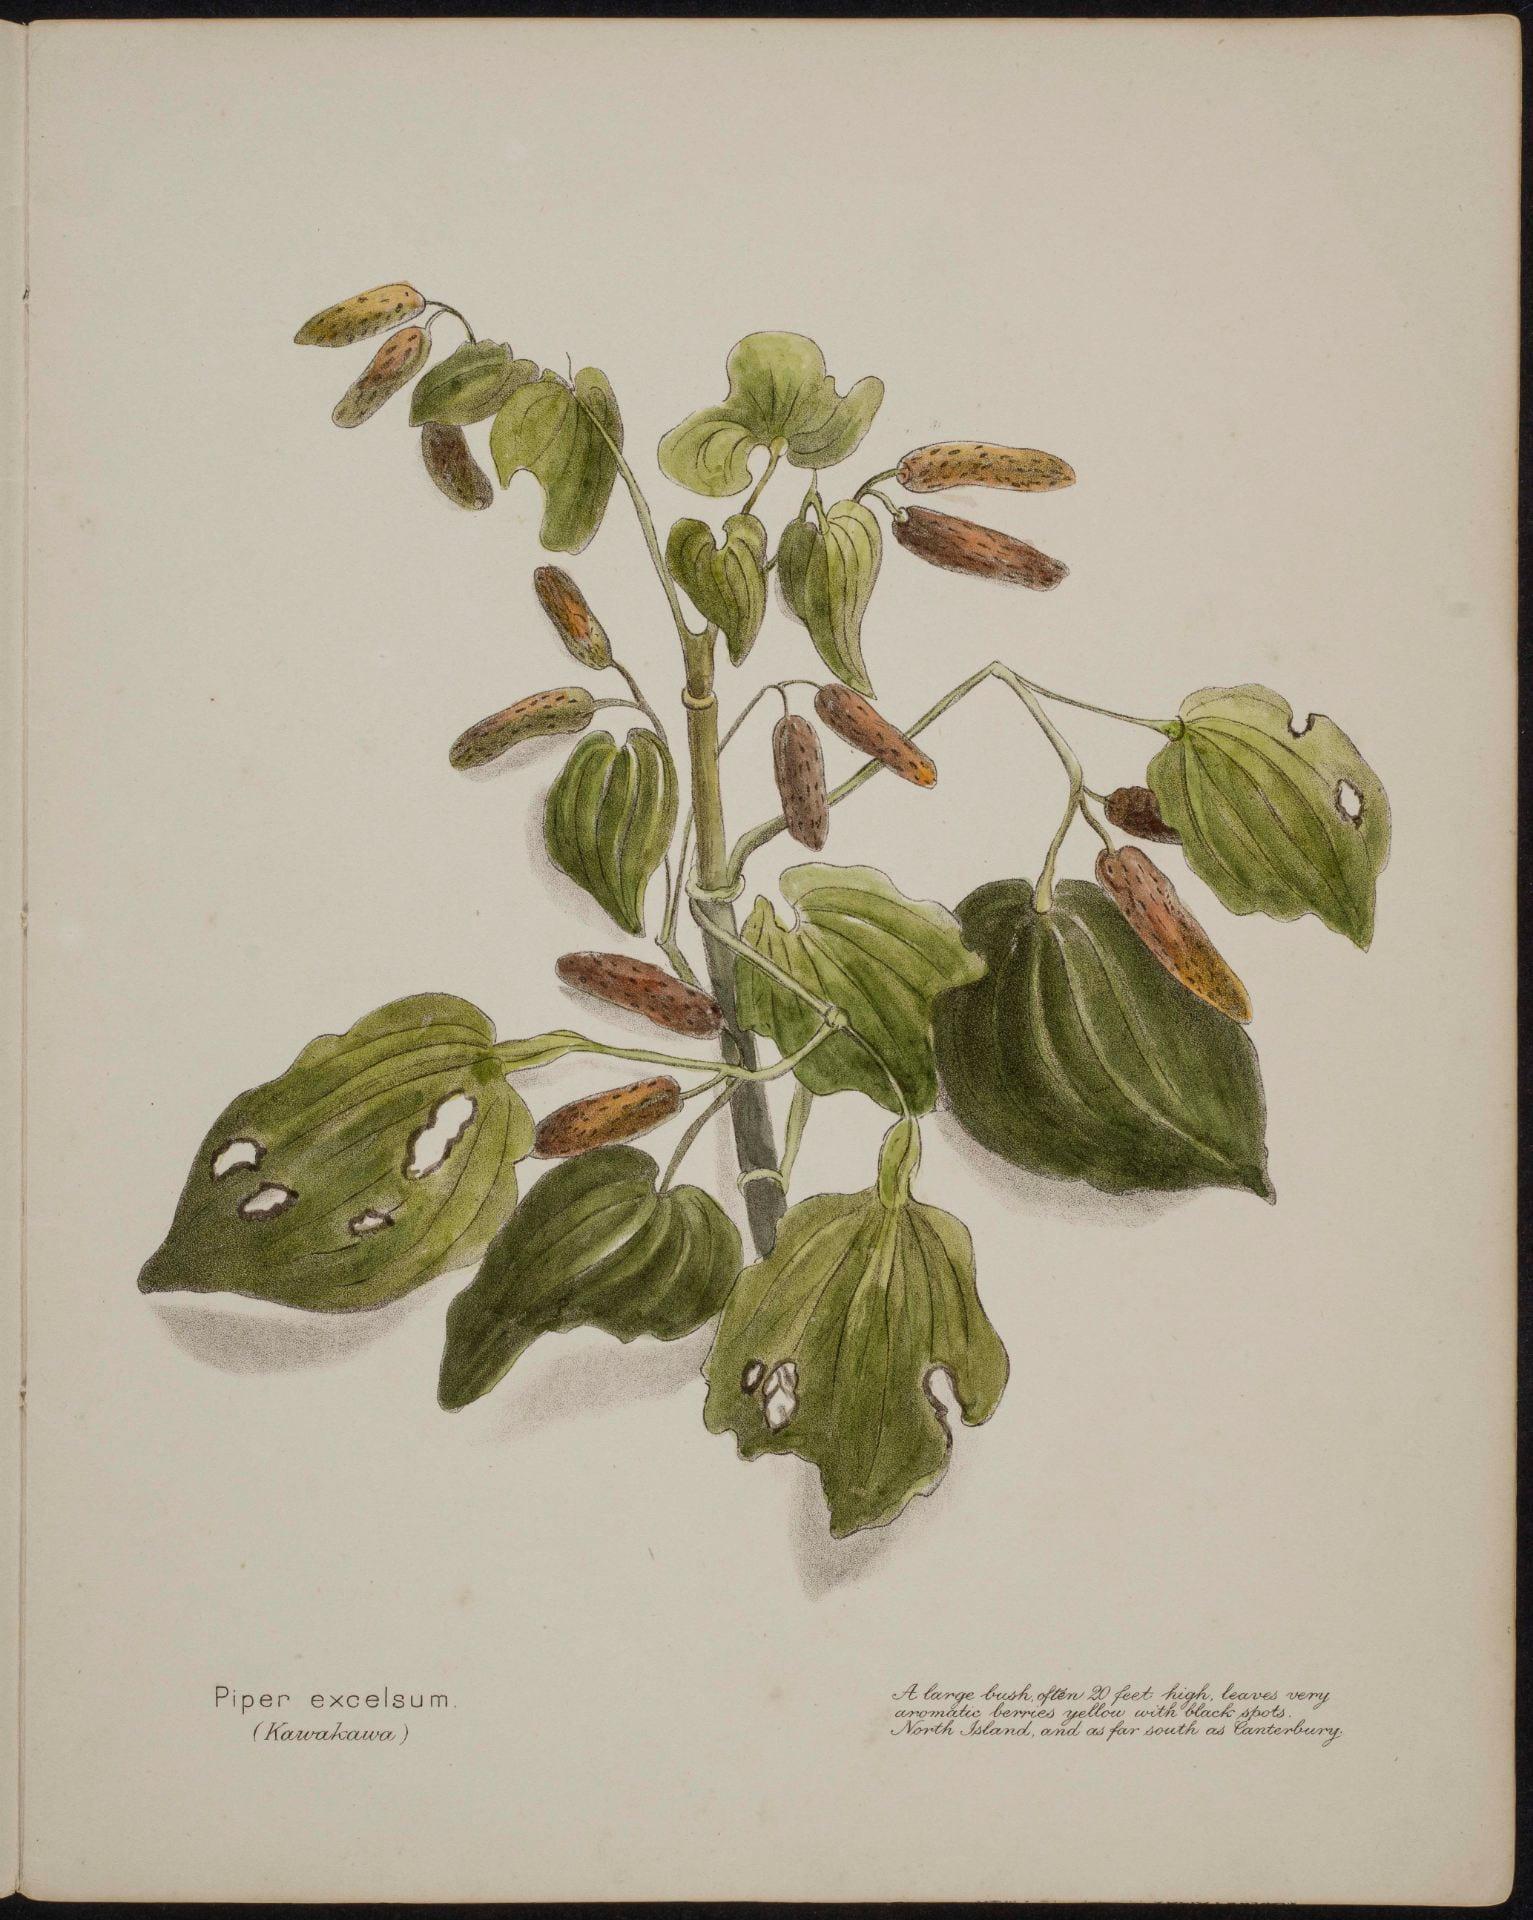 Piper excelsum kawakawa